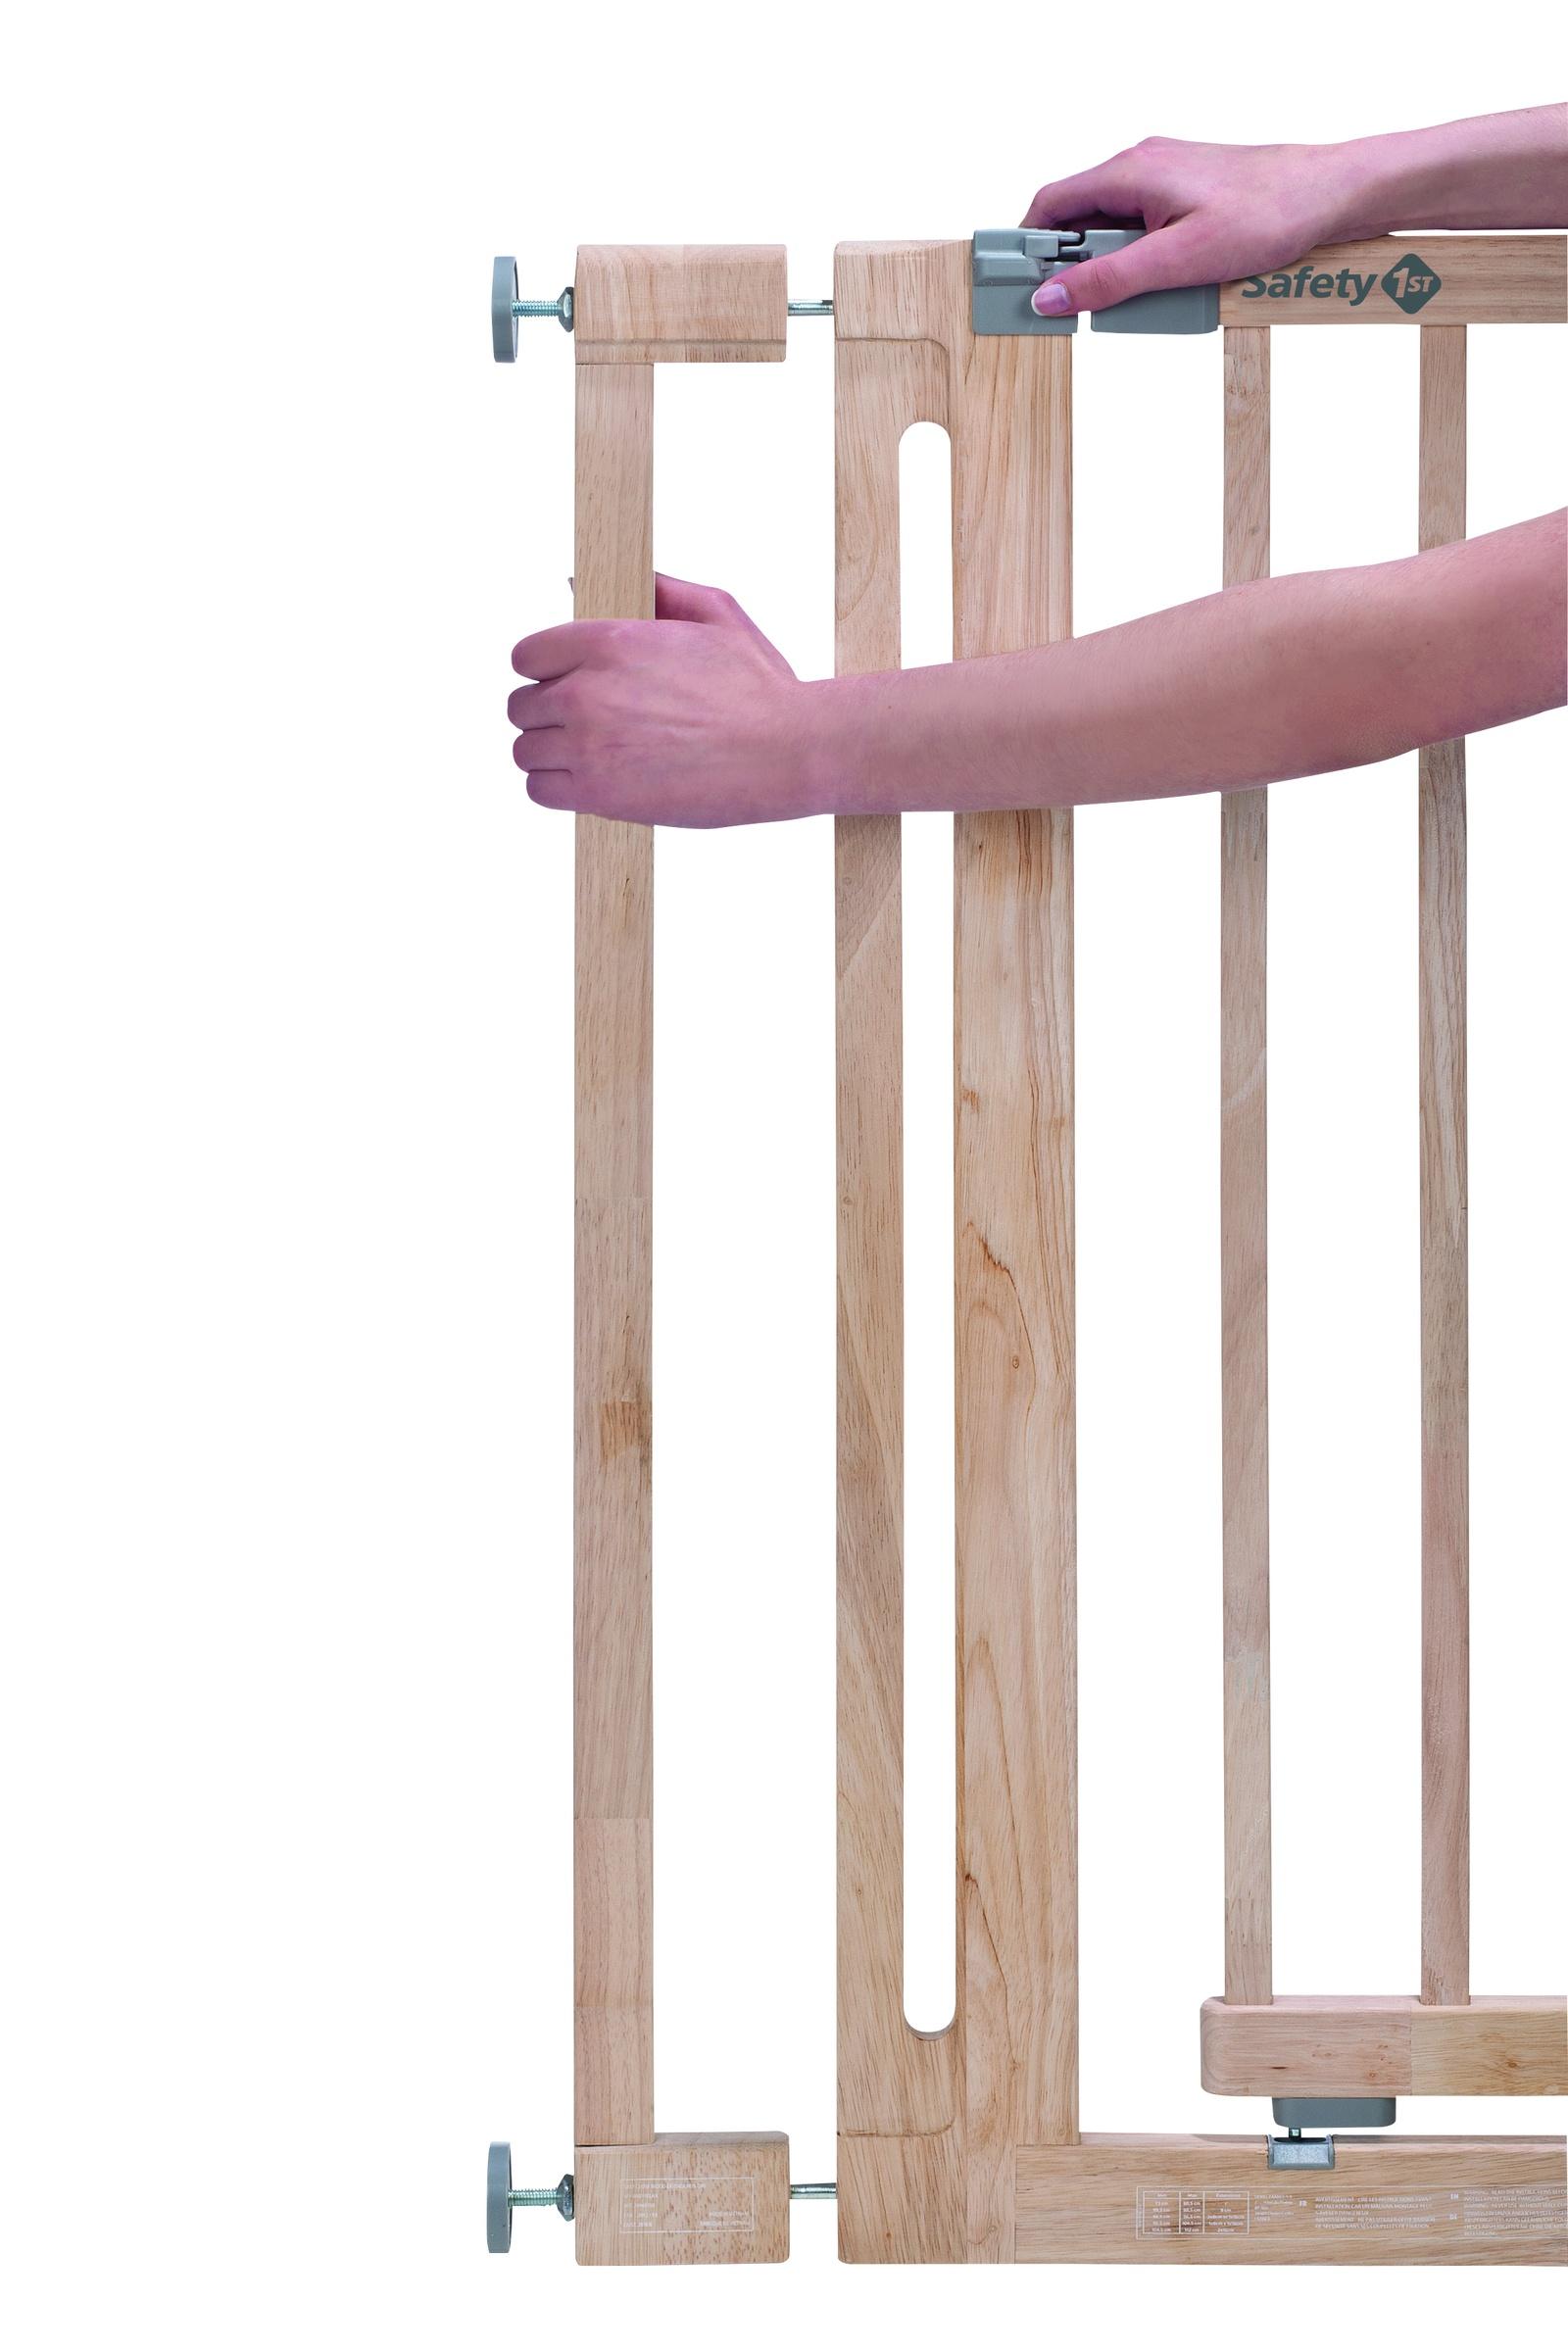 Дополнительная секция Safety 1st EASY CLOSE WOOD 8 см, 24940100, 24940100 ворота безопасности hauck wood lock safely gate silver